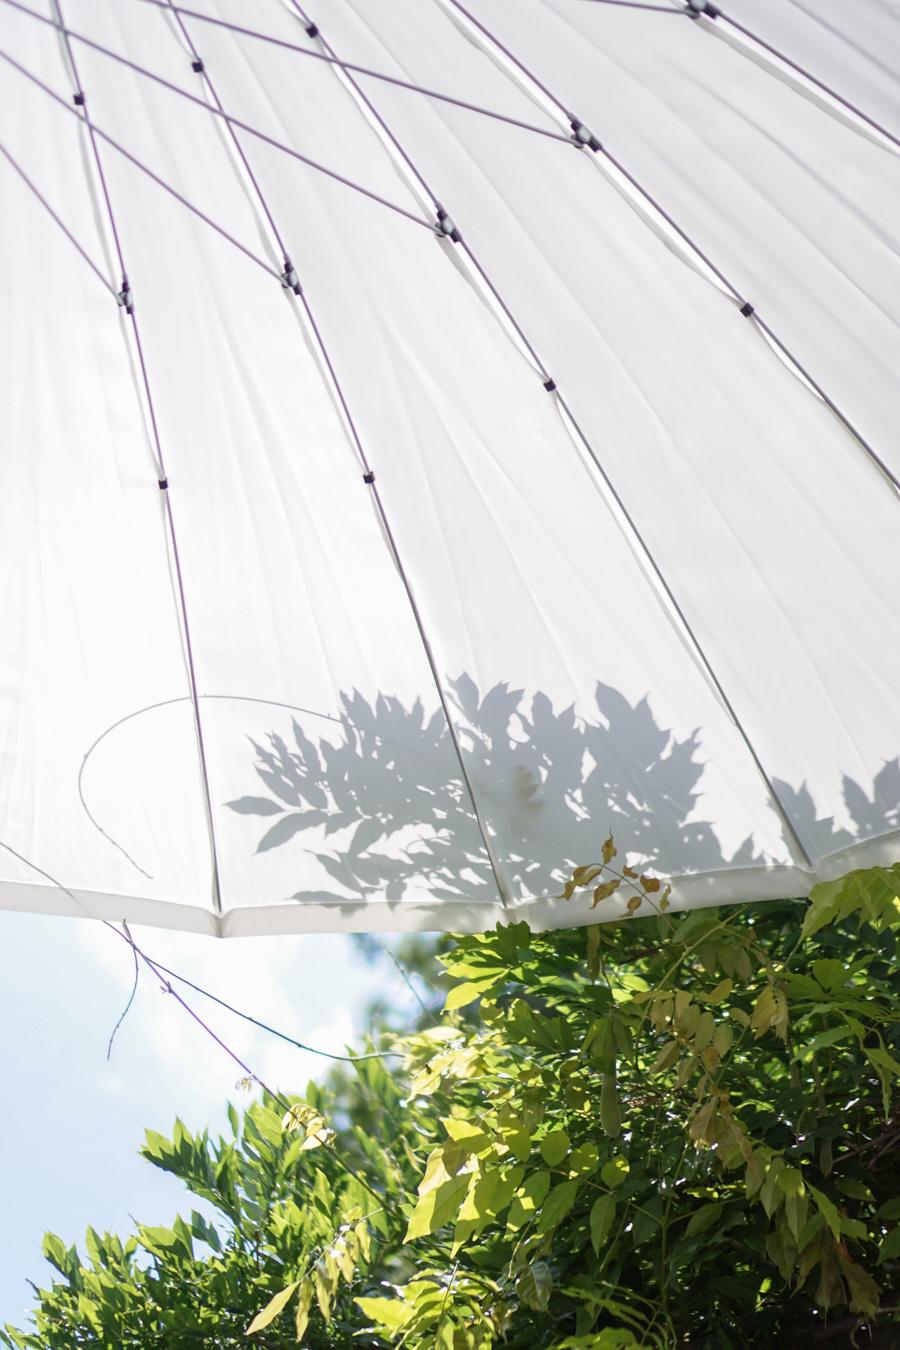 solero vaticano ibiza tuin tuinparasol